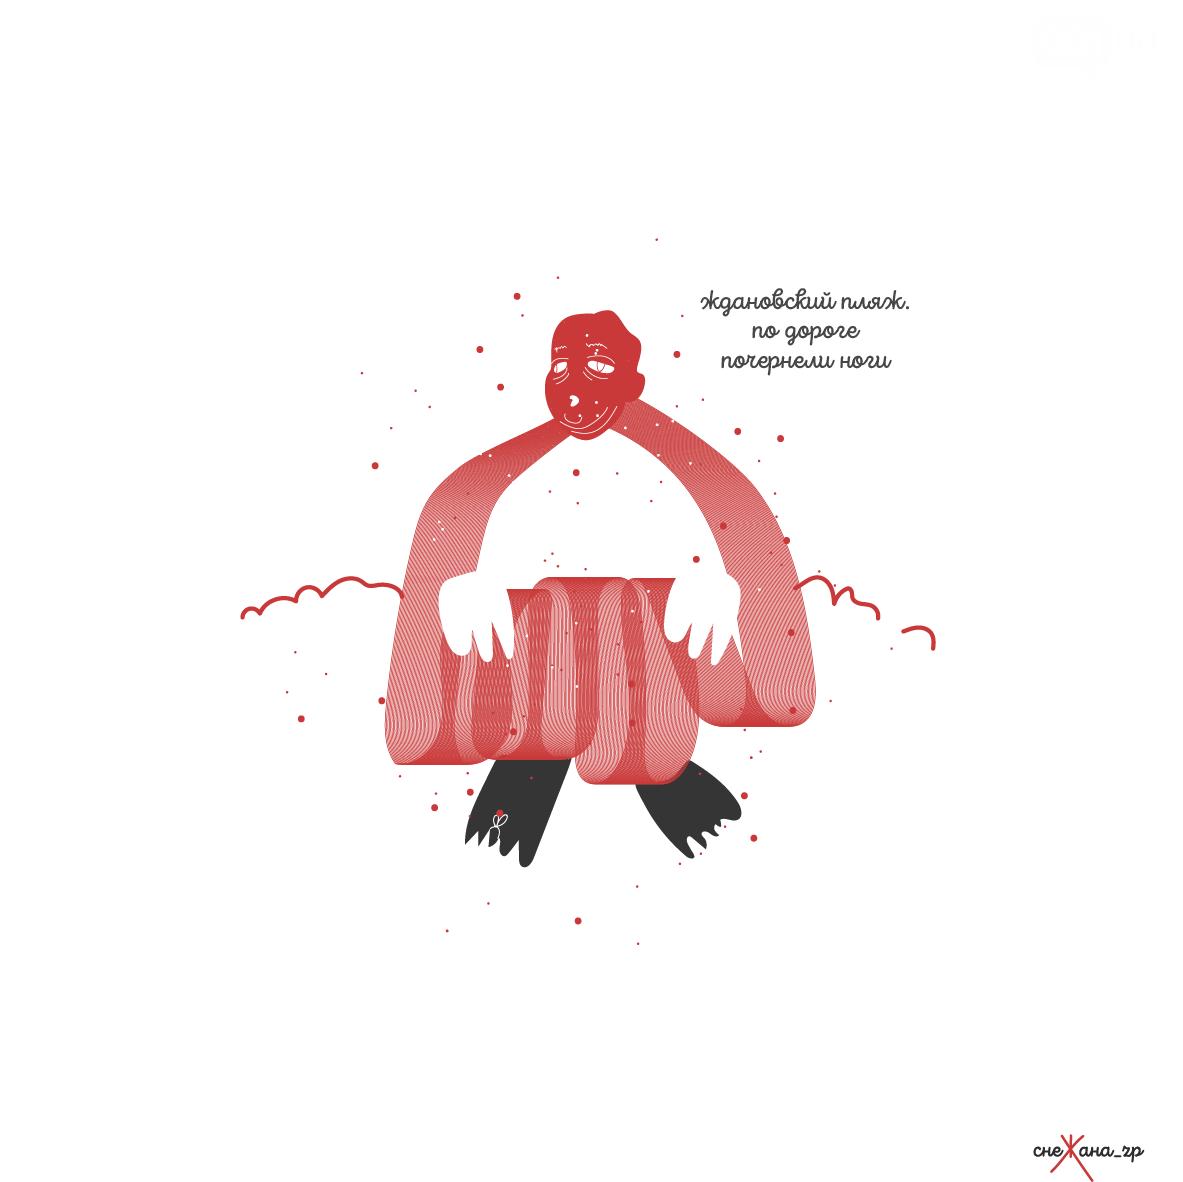 """""""Нас не спрашивали, когда рожали в Запорожье"""": кто такая Снежана_zp и почему она ноет, фото-7"""